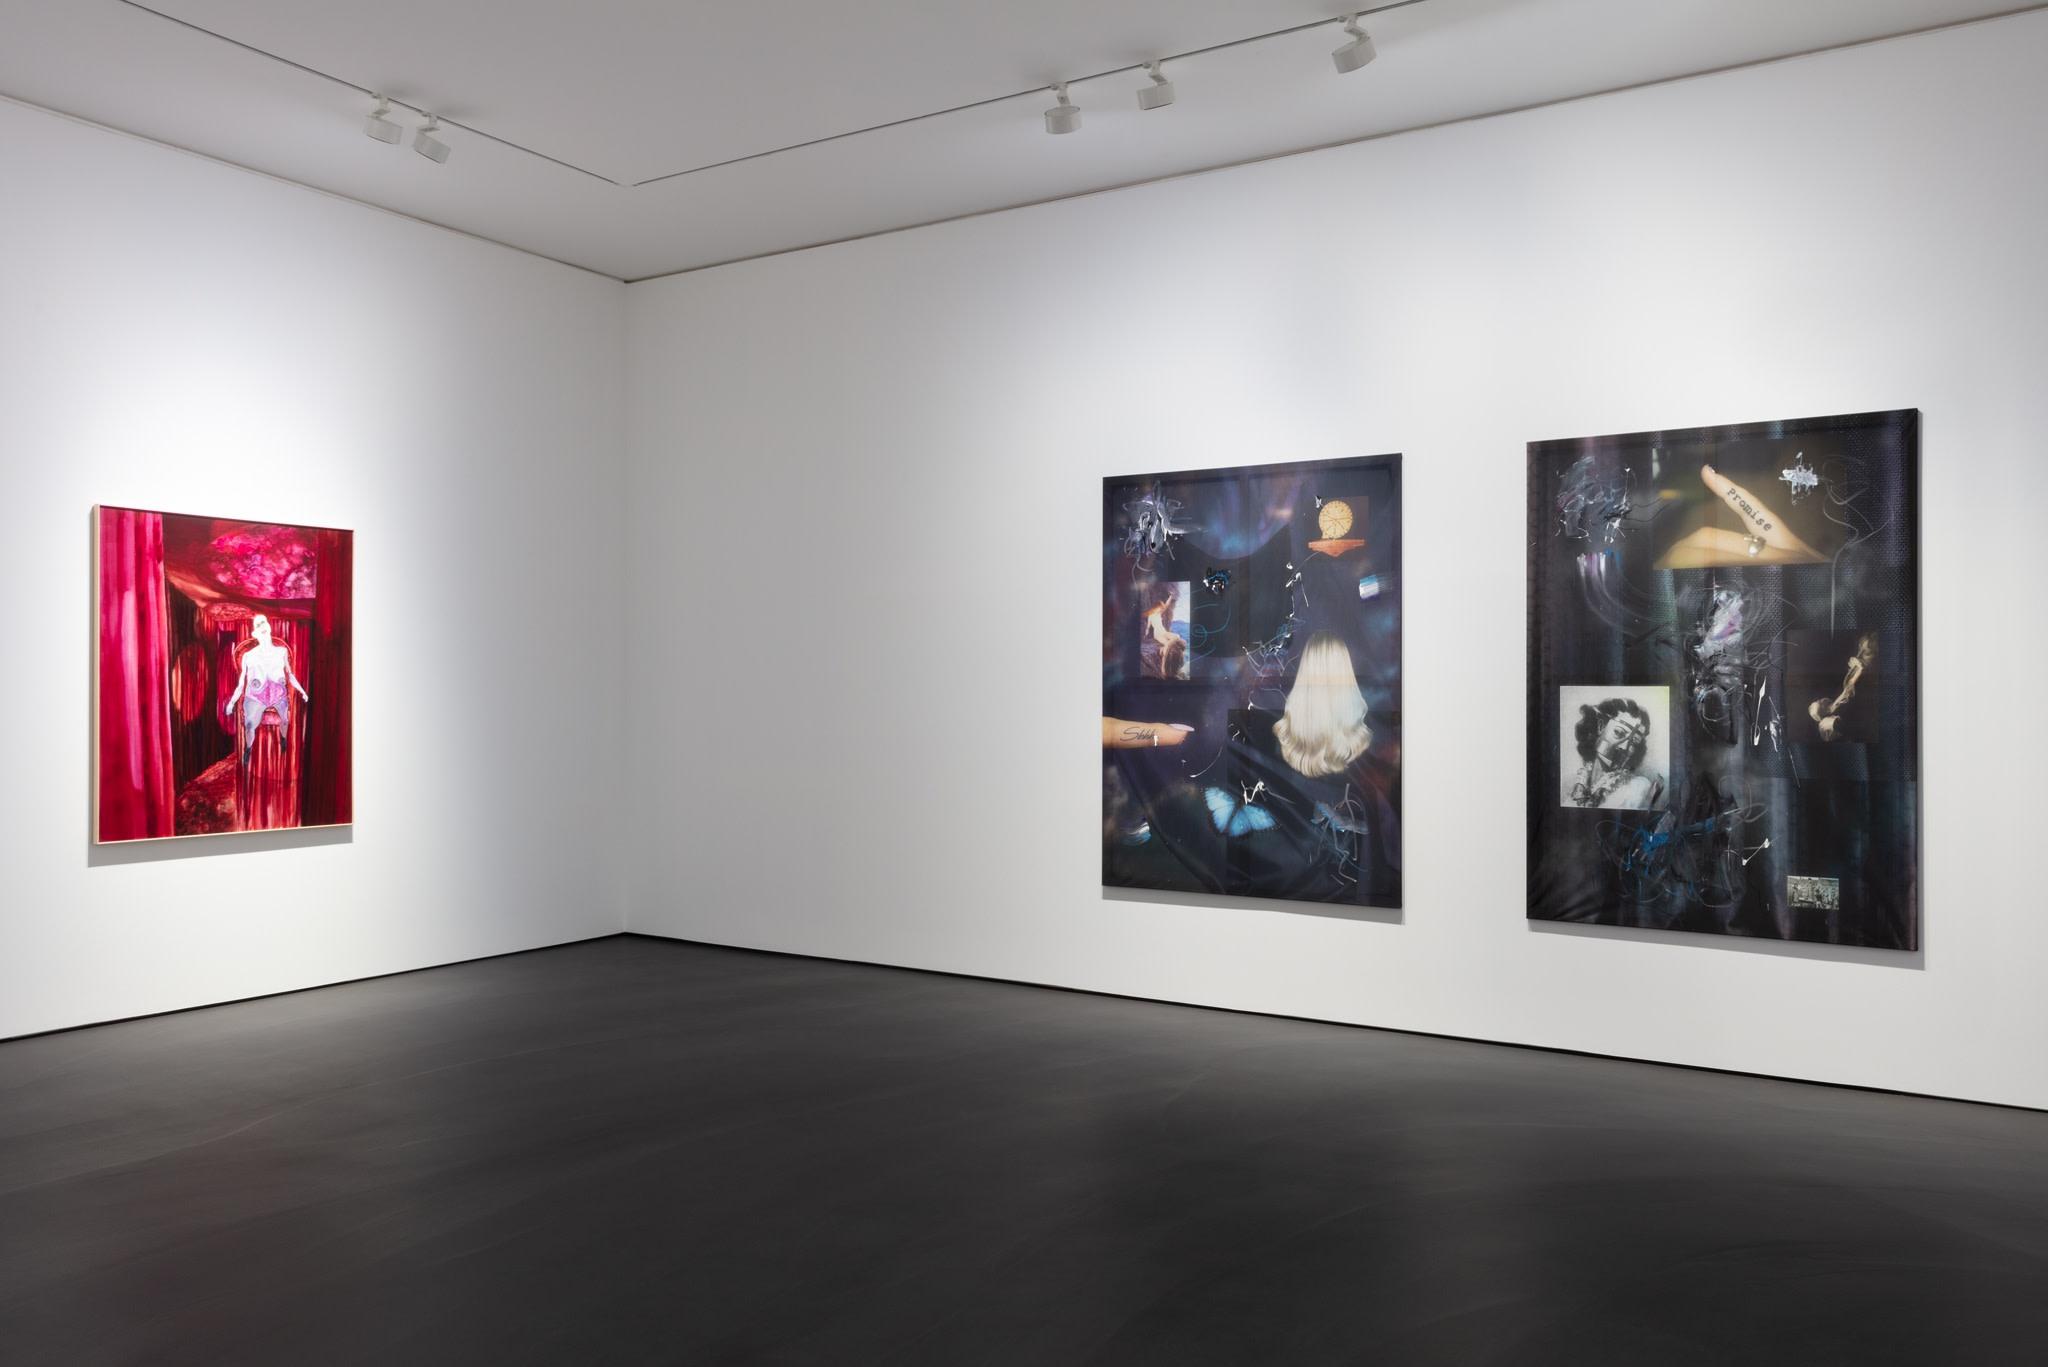 Exhibition view: L'Invitation au voyage, Esther Schipper, Berlin. Photo © Andrea Rossetti